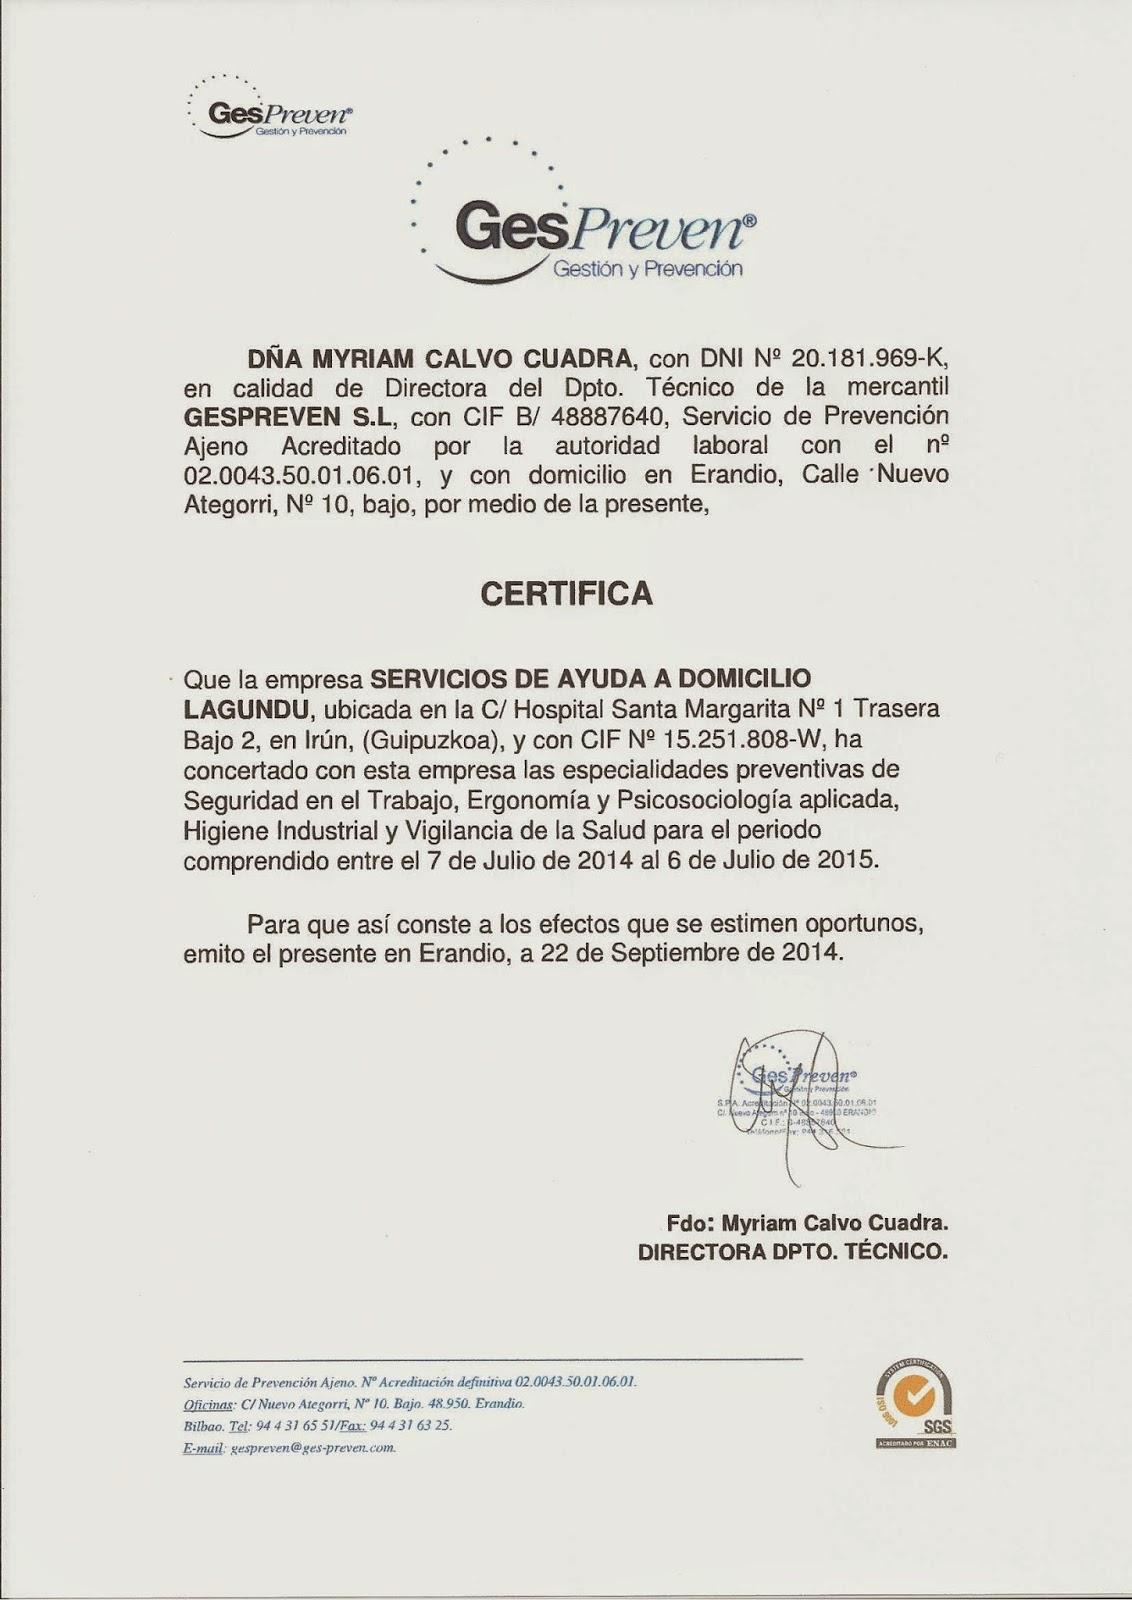 Certificado%2BPLR%2BServicios%2Bde%2BAyuda%2Ba%2BDomicilio%2BLagundu.jpg